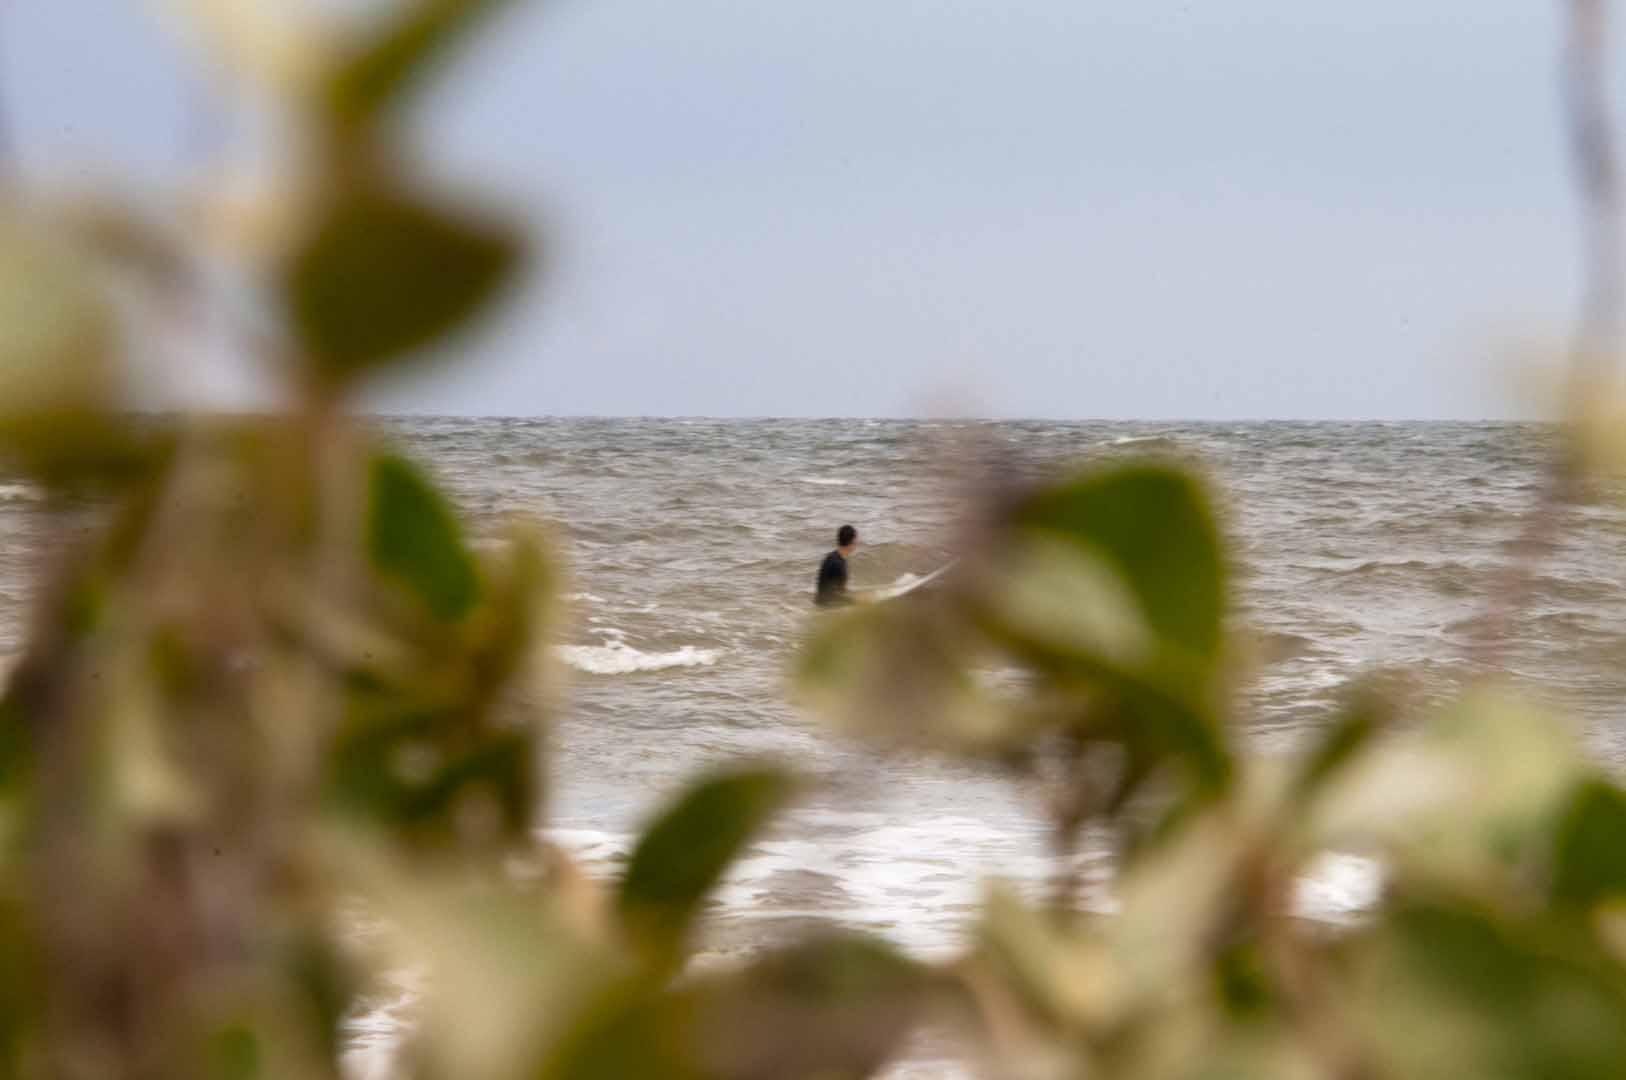 SurfingSurfside_20150425_0765